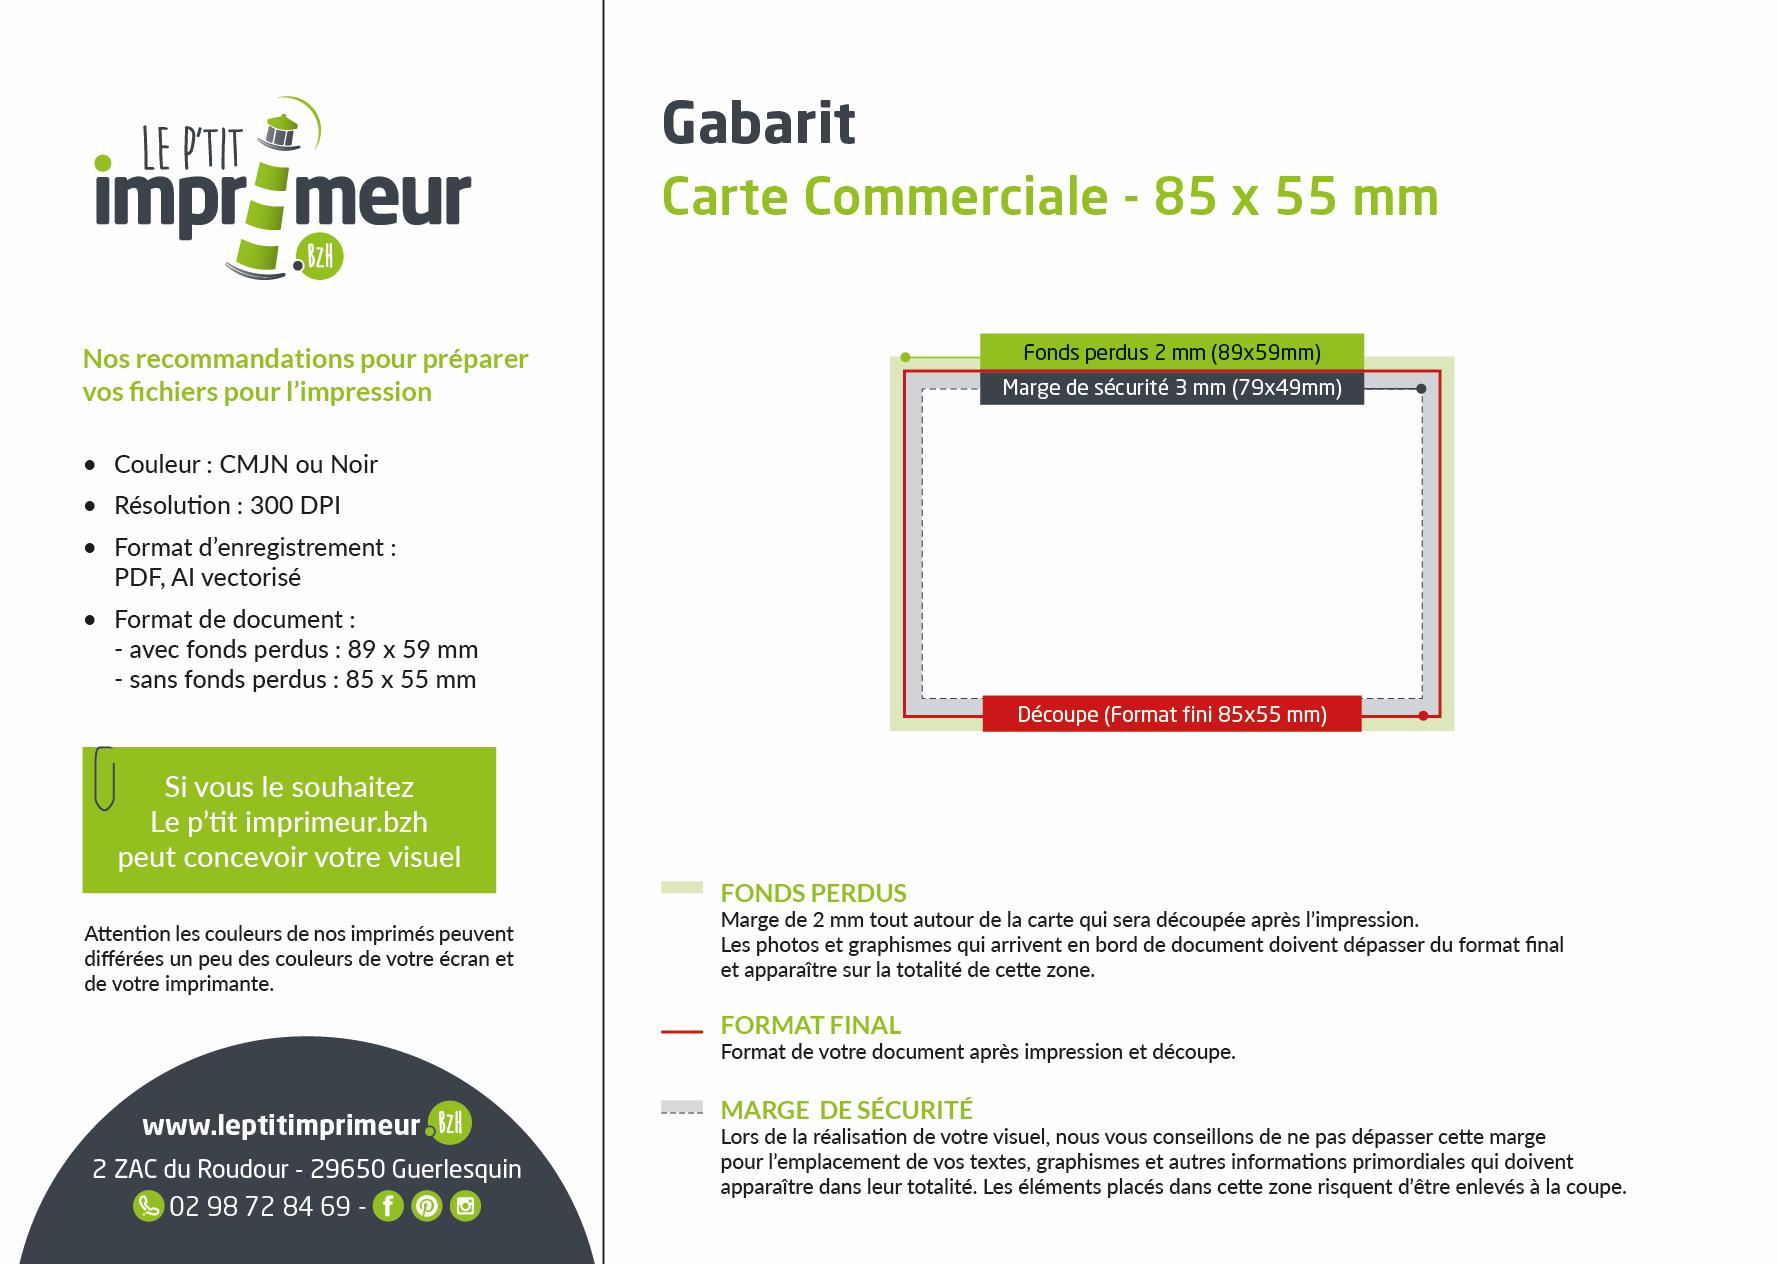 Carte de visite pro 85 x 55 mm _ gabarit